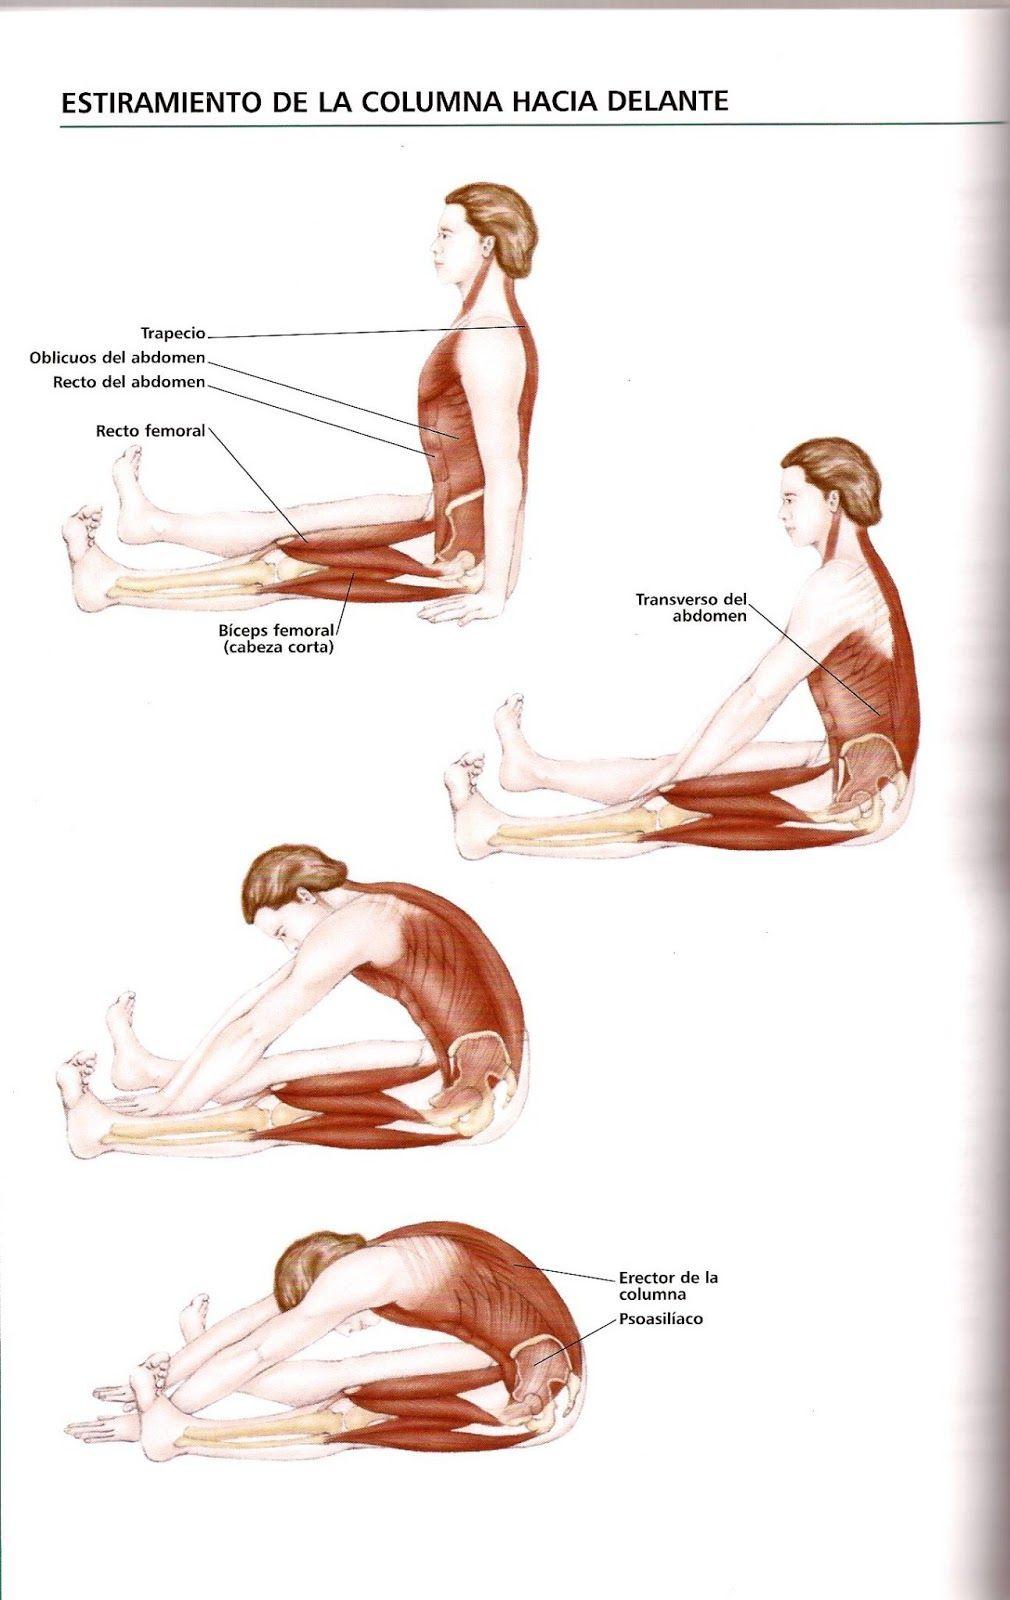 Estiramiento de columna   Anatomía, estiramientos.   Pinterest ...